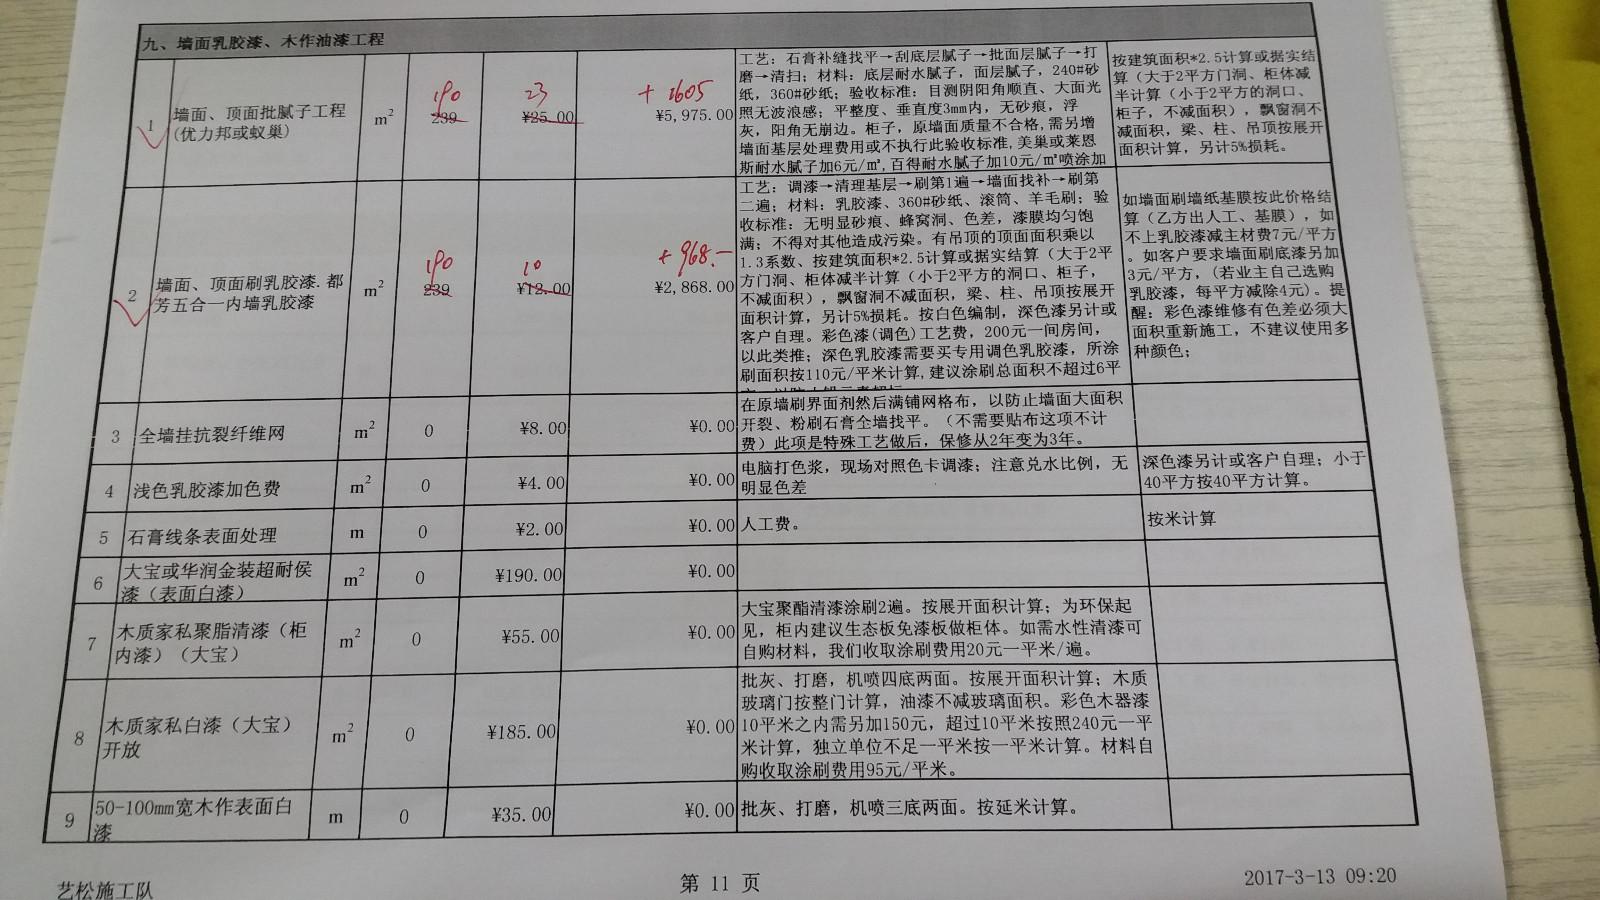 长源假日港湾报价审核结果10